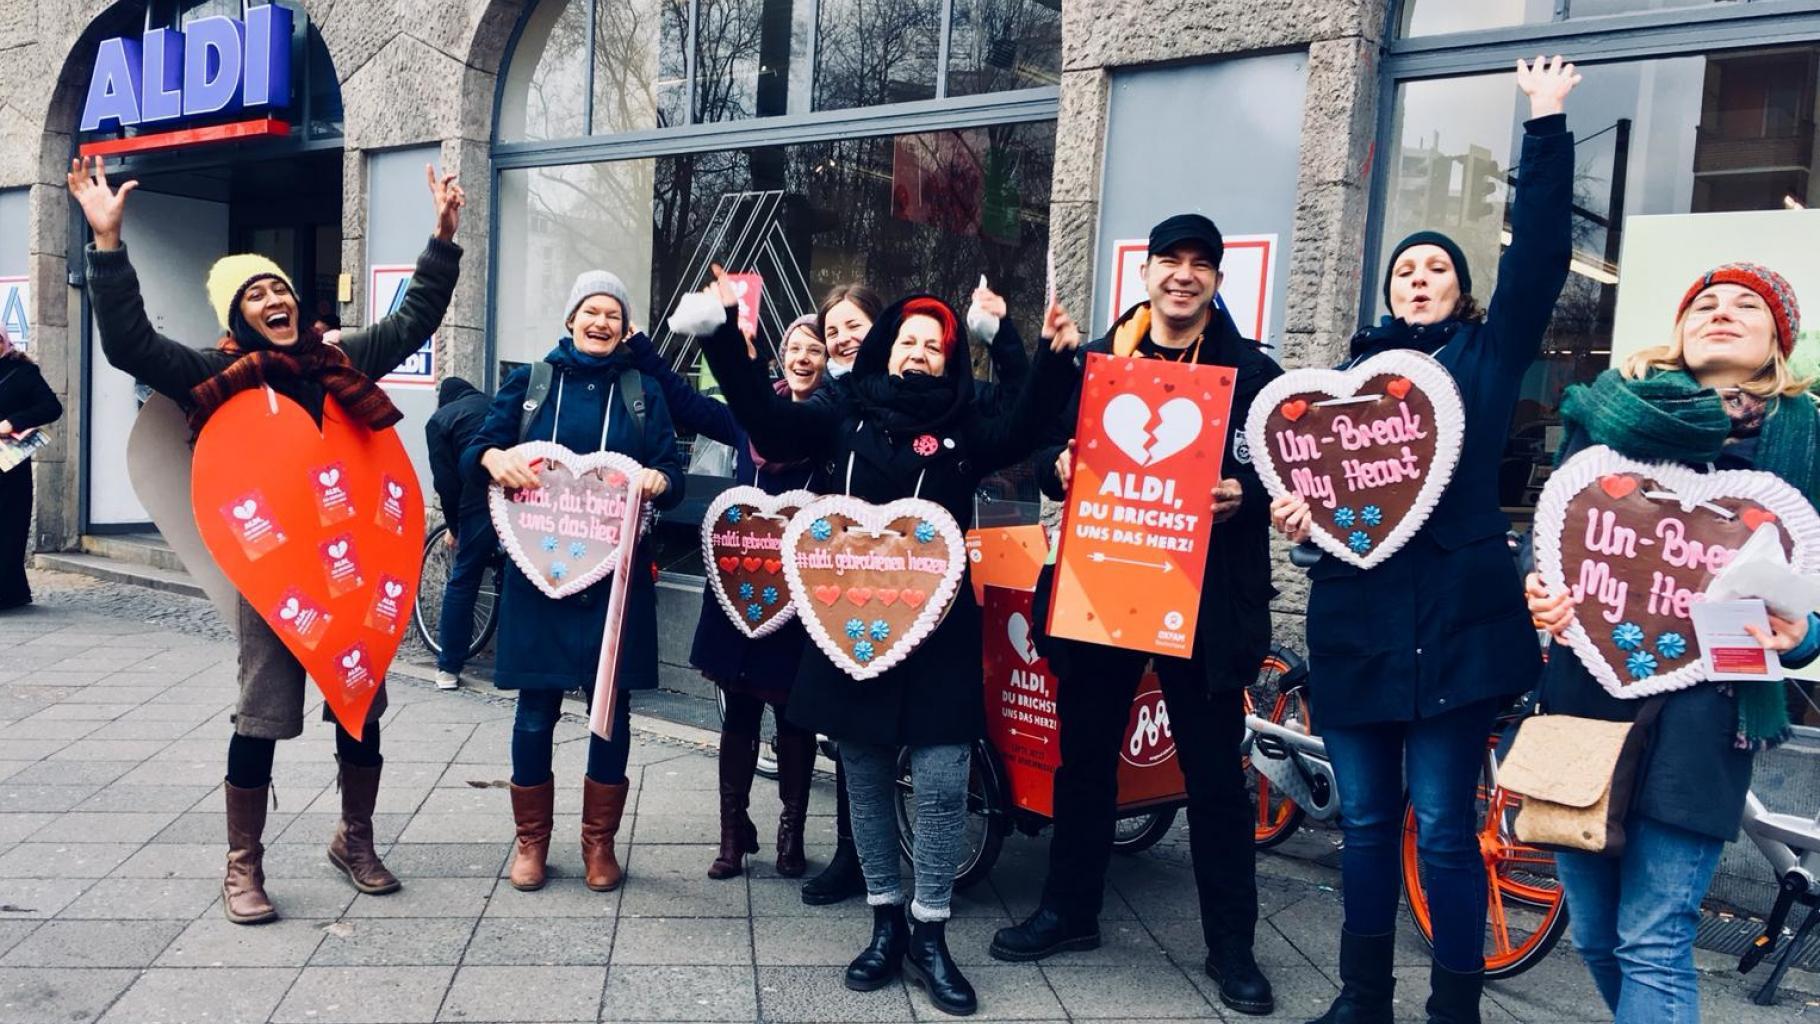 """Oxfam-Aktivist*innen vor einer Aldi-Filiale halten Plakate und Lebkuchenherzen mit der Aufschrift """"Aldi, du brichst uns das Herz"""", """"#aldigebrochenenherzen"""" und """"Un-Break My Heart"""""""